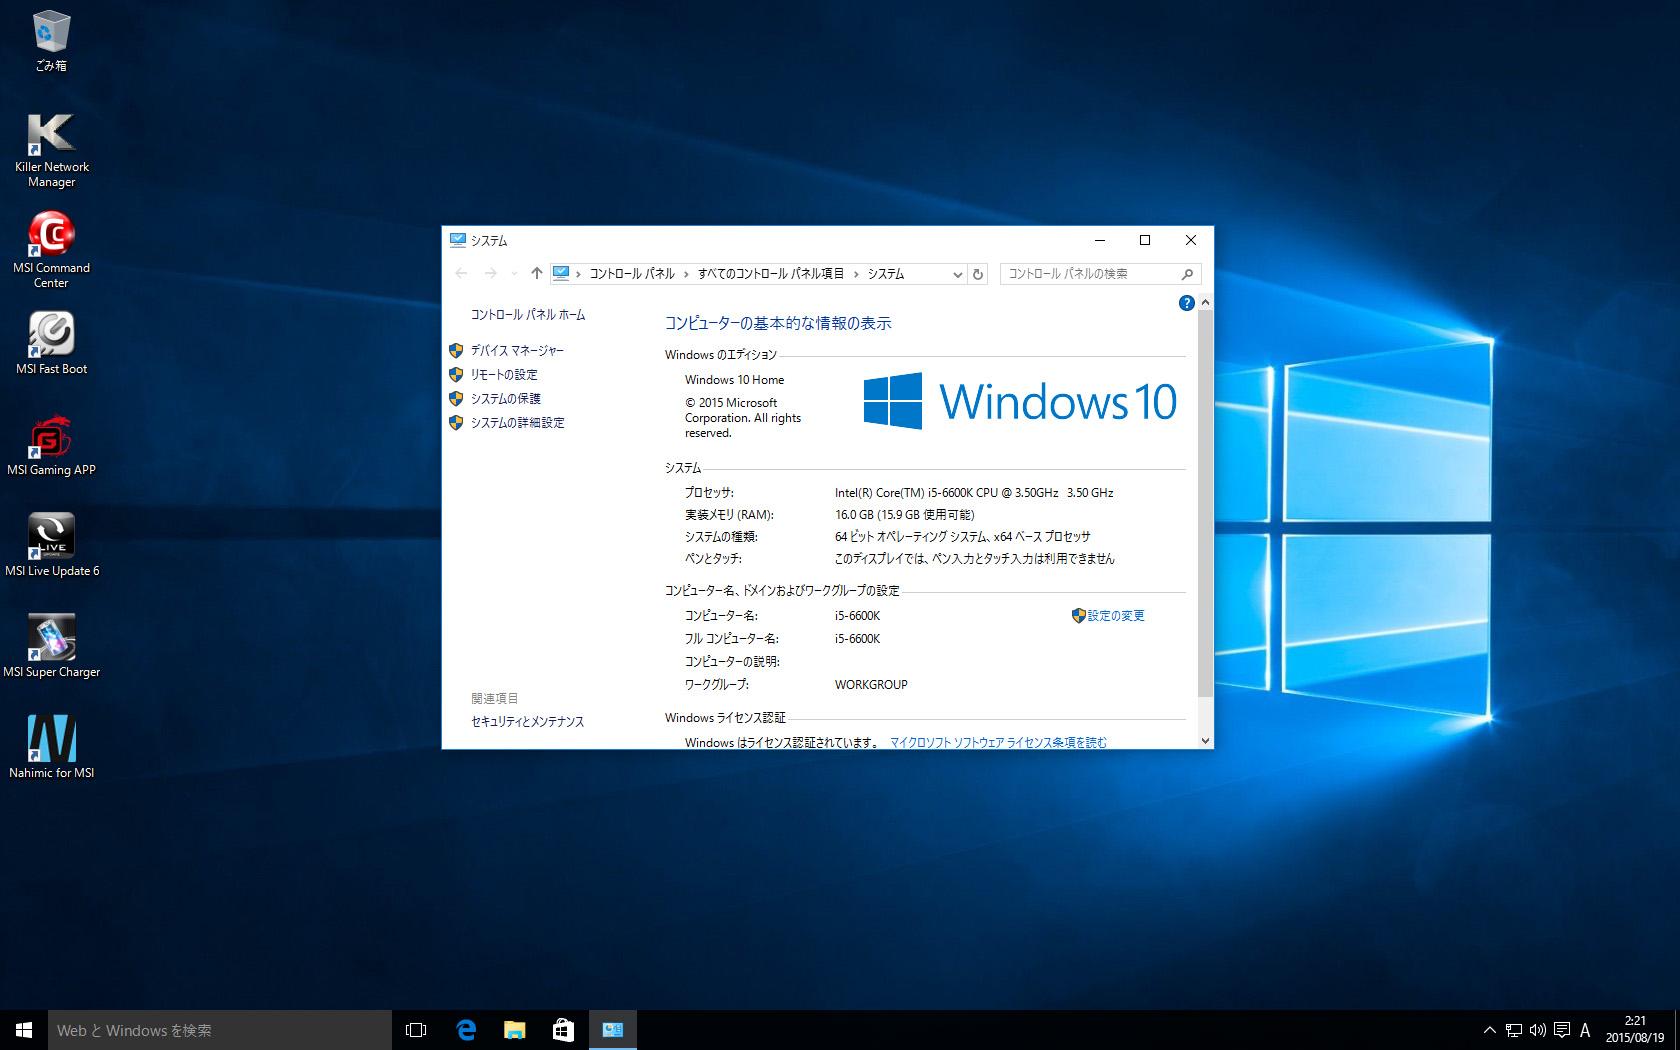 画像] 【西川和久の不定期コラム】Core i5-6600K+MSI Z170A GAMING M5で